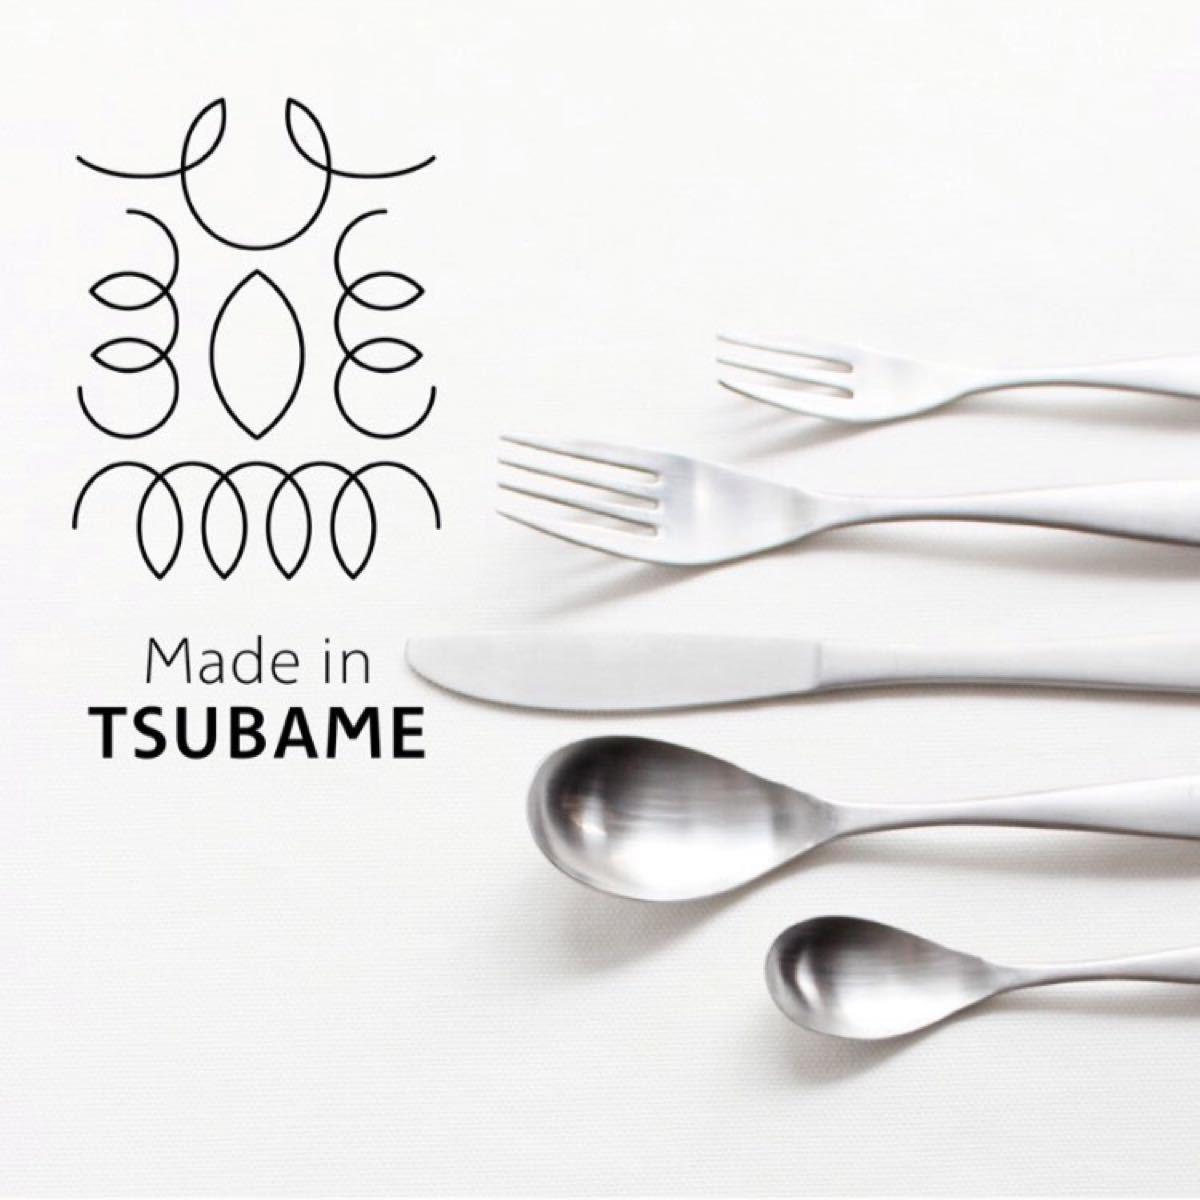 ツバメカトラリー カトラリーレスト 6個セット 新品未使用 made in tsubame